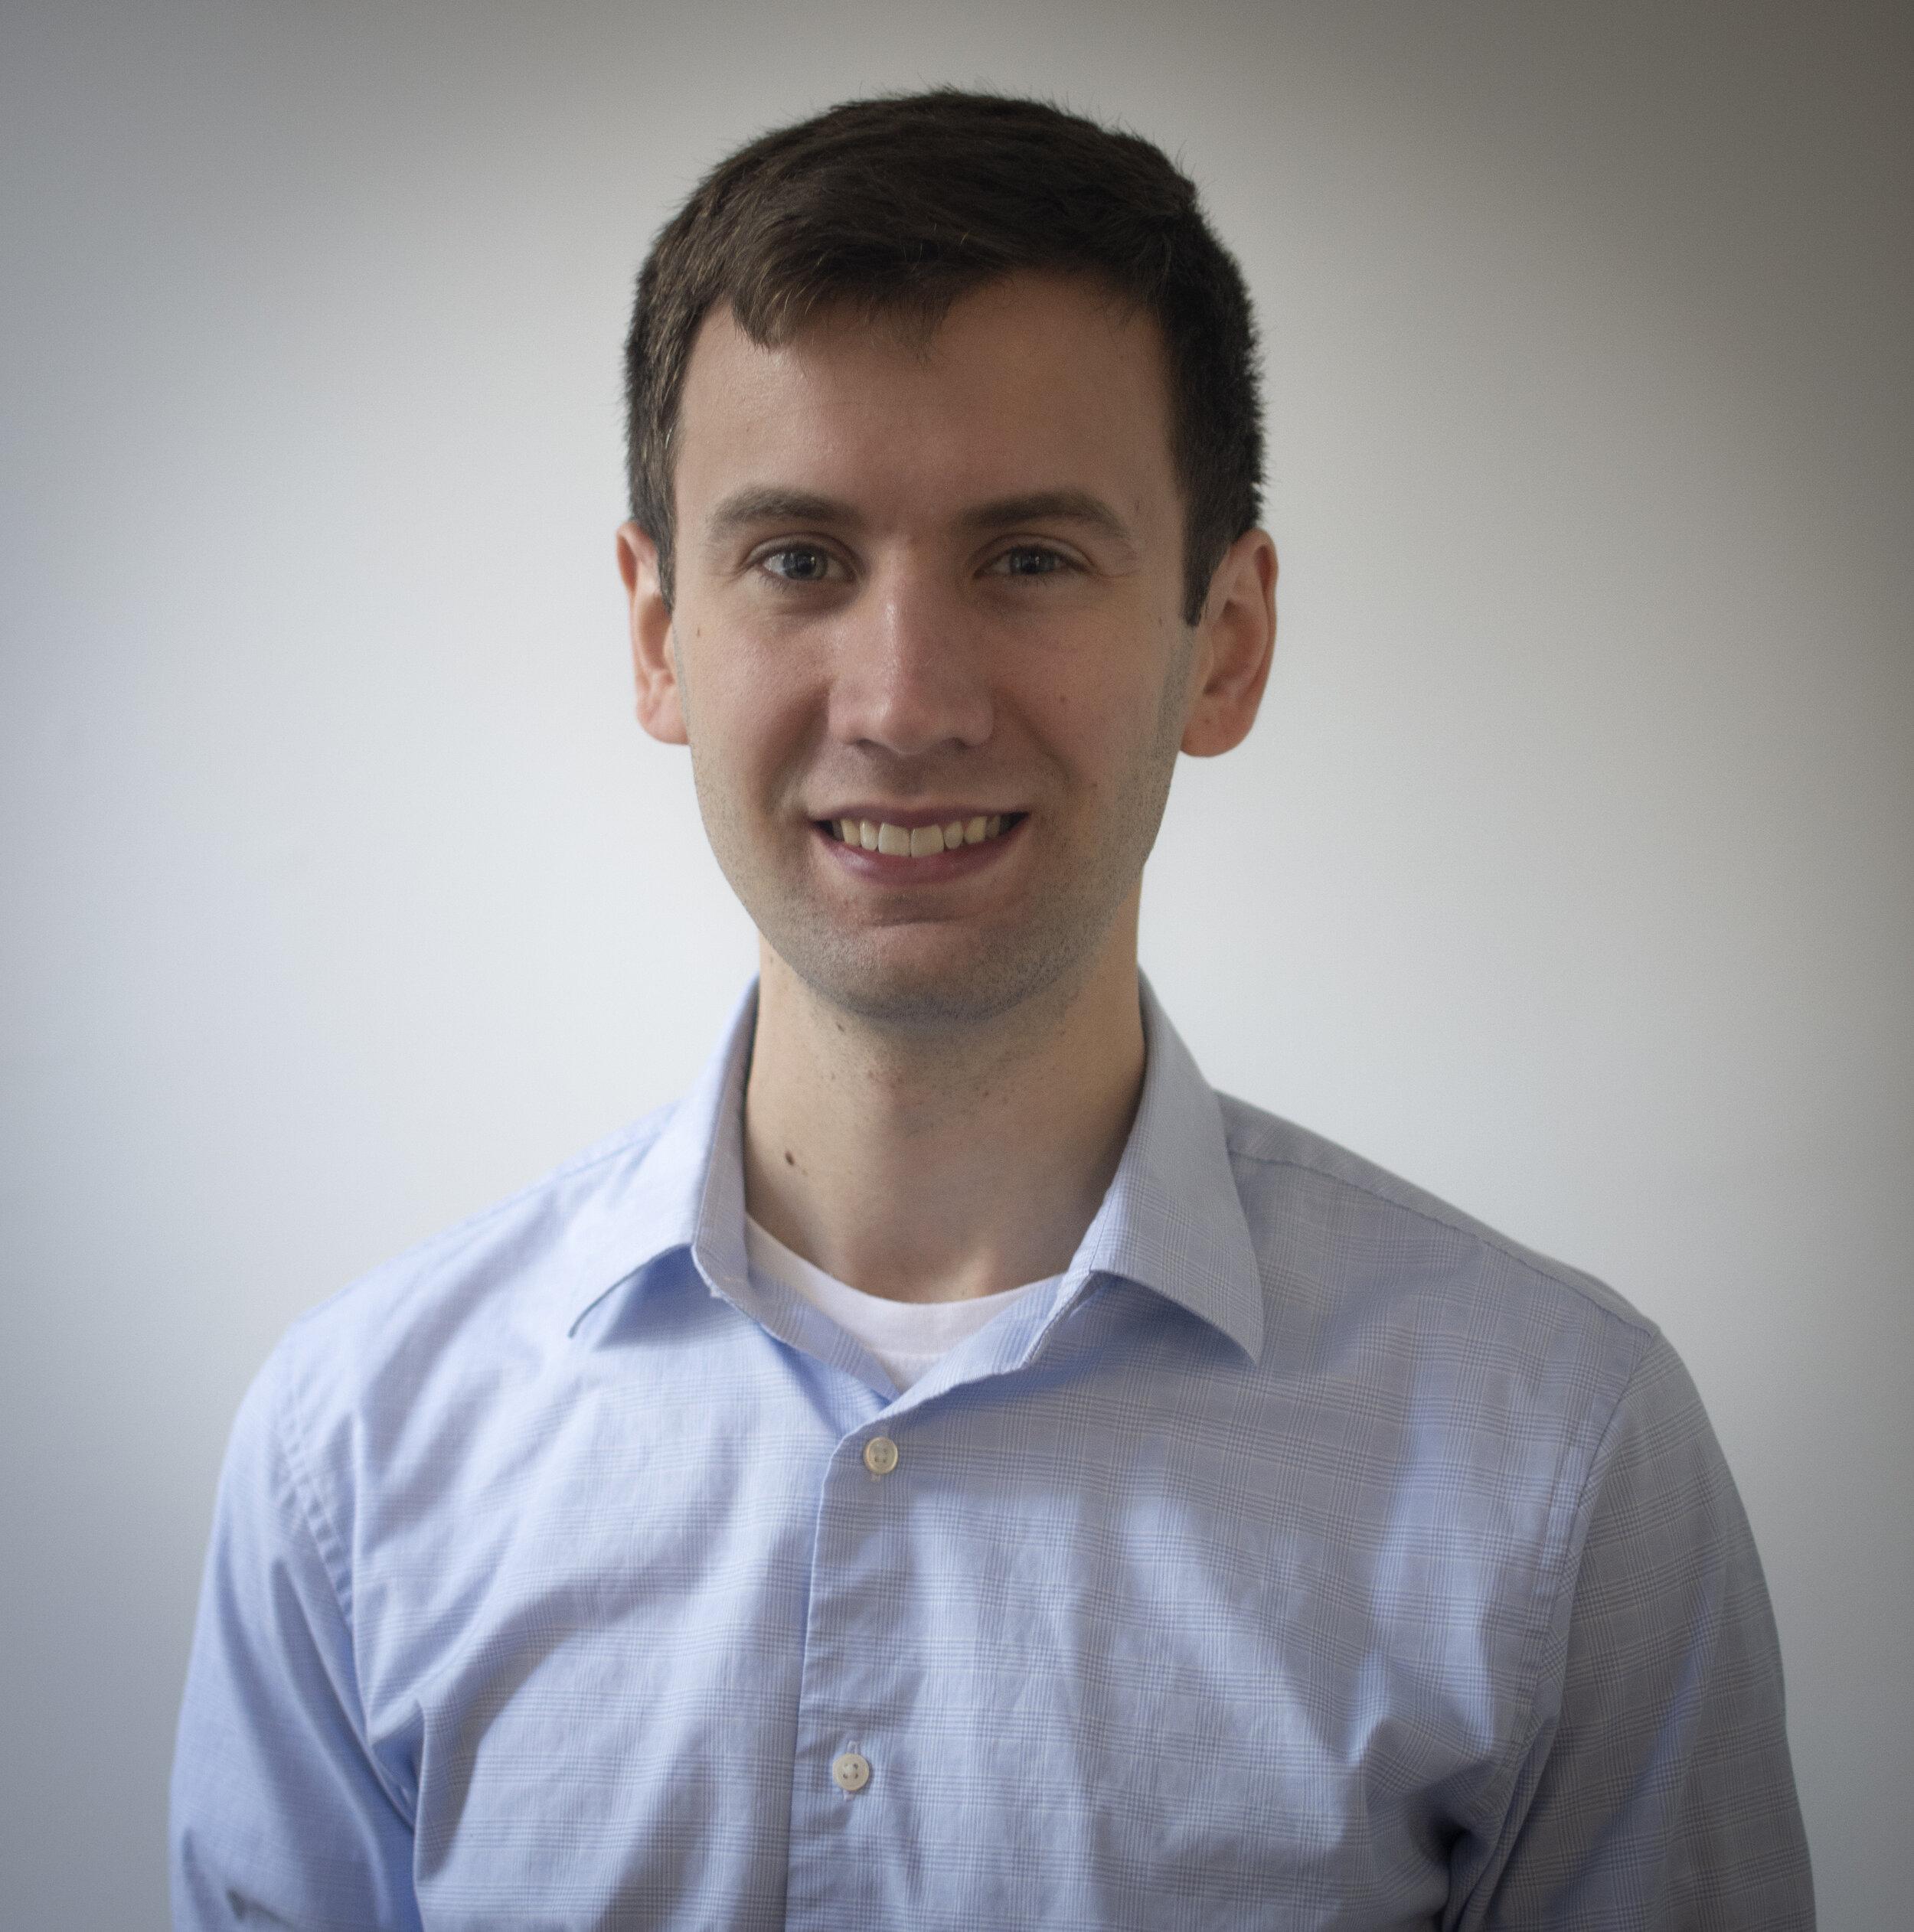 Daniel Luckett, Data Science